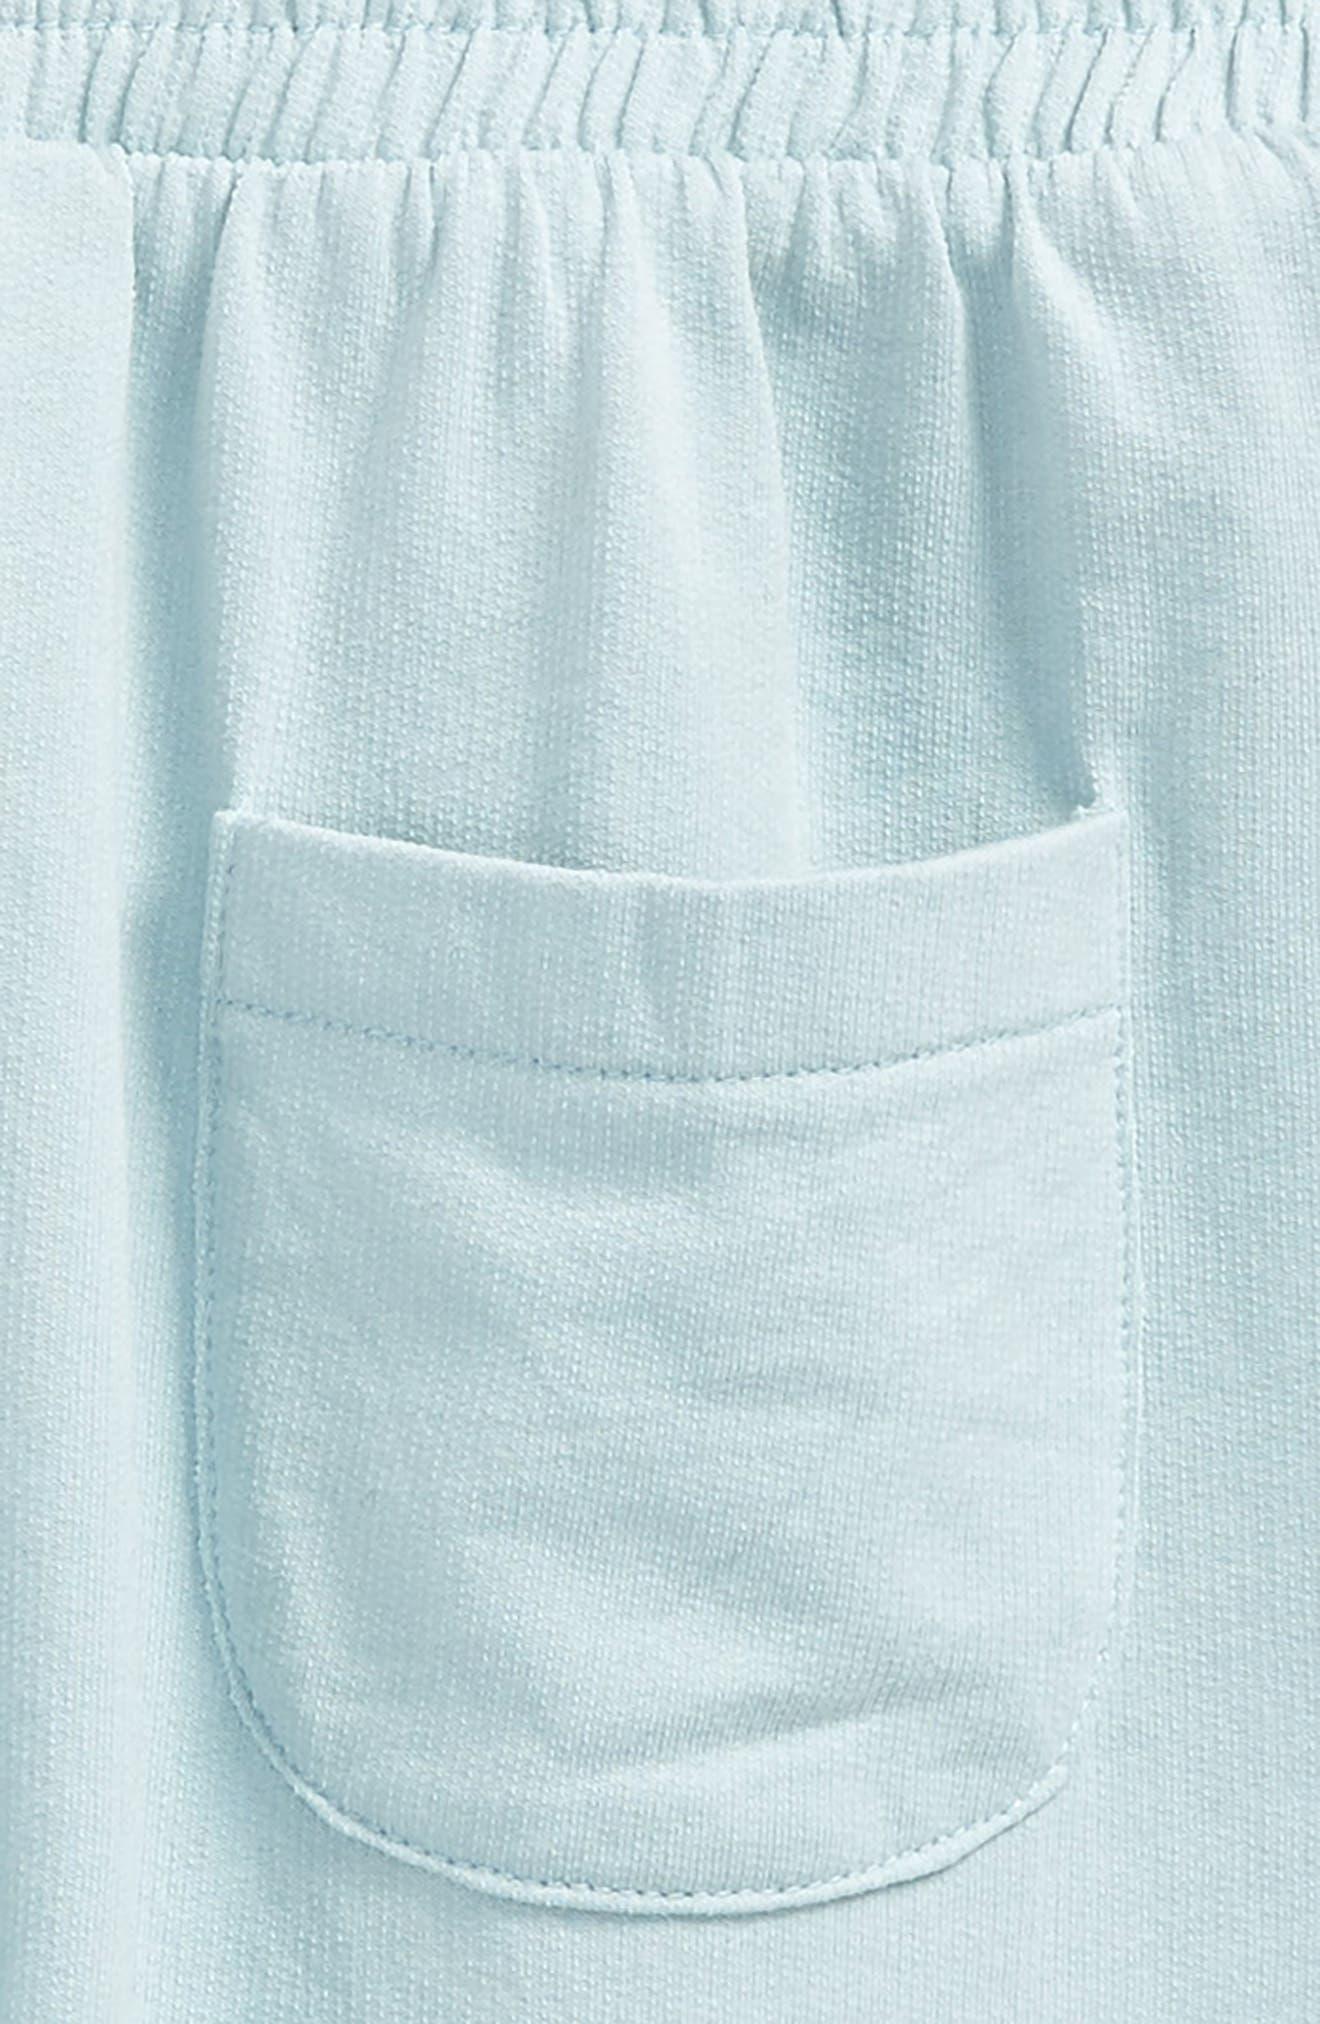 Wide Leg Sweatpants,                             Alternate thumbnail 3, color,                             450